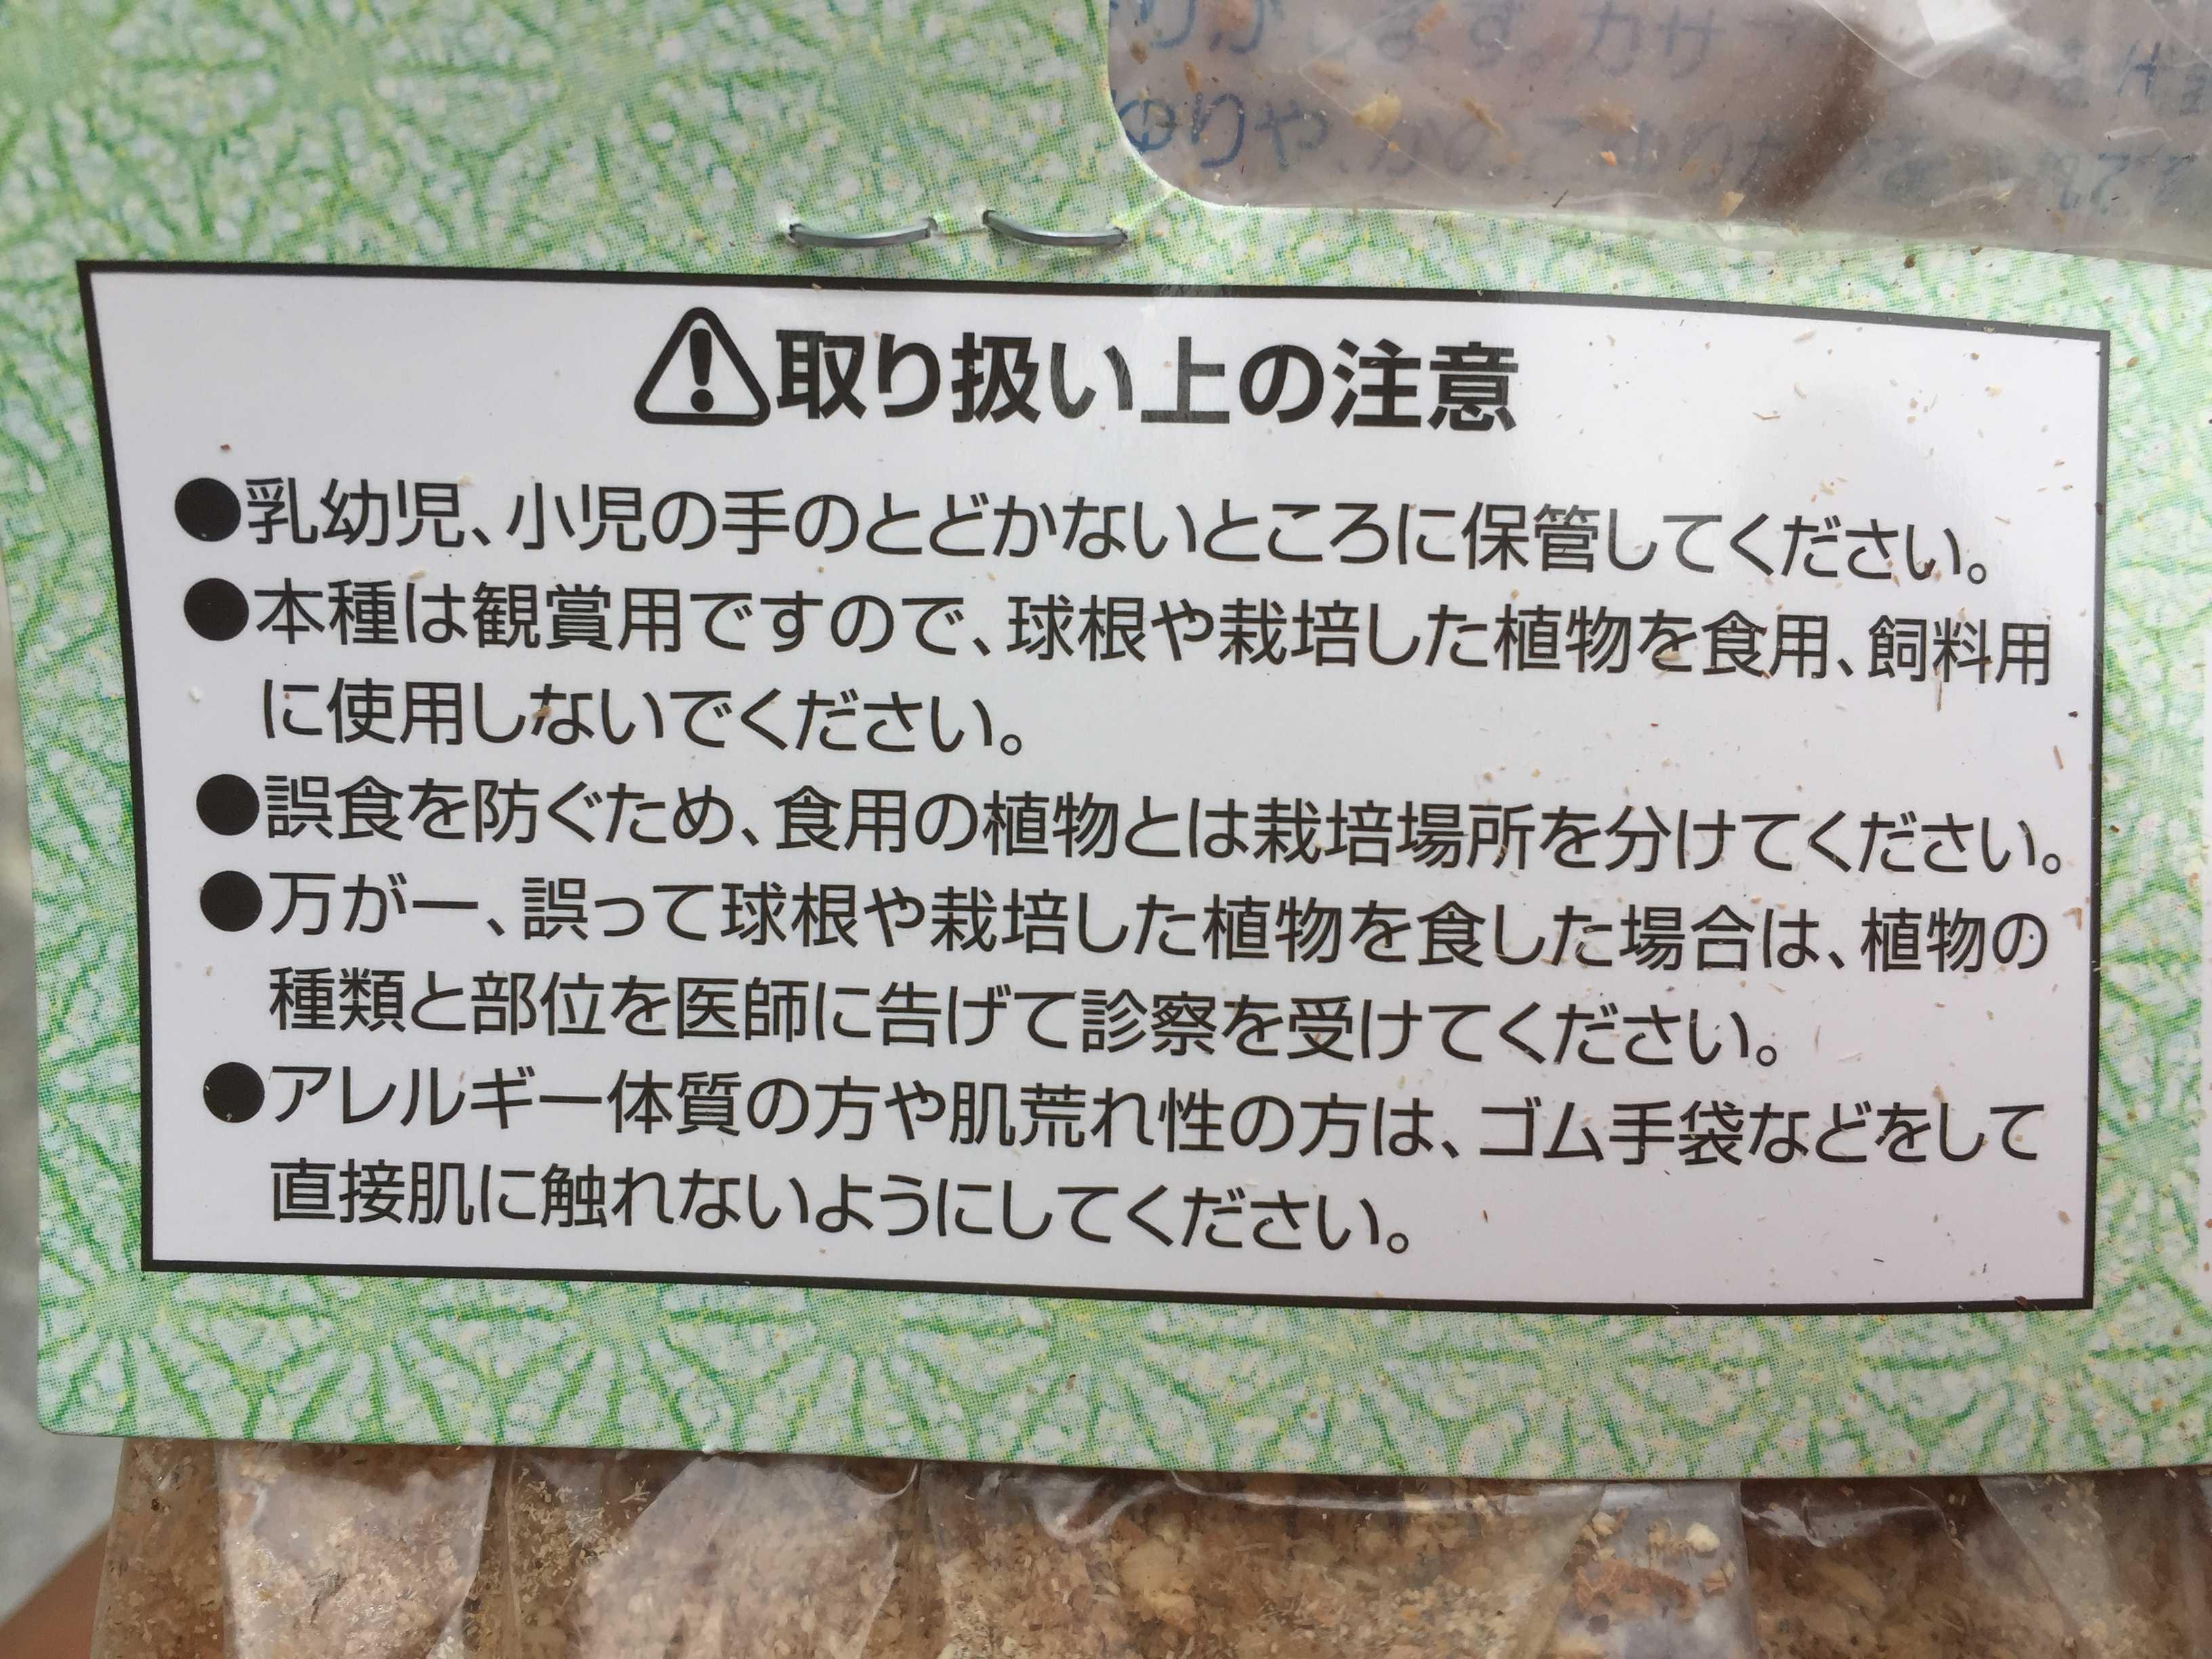 ヤマユリの鱗片挿し - (サカタのタネの)鱗片の取り扱い上の注意